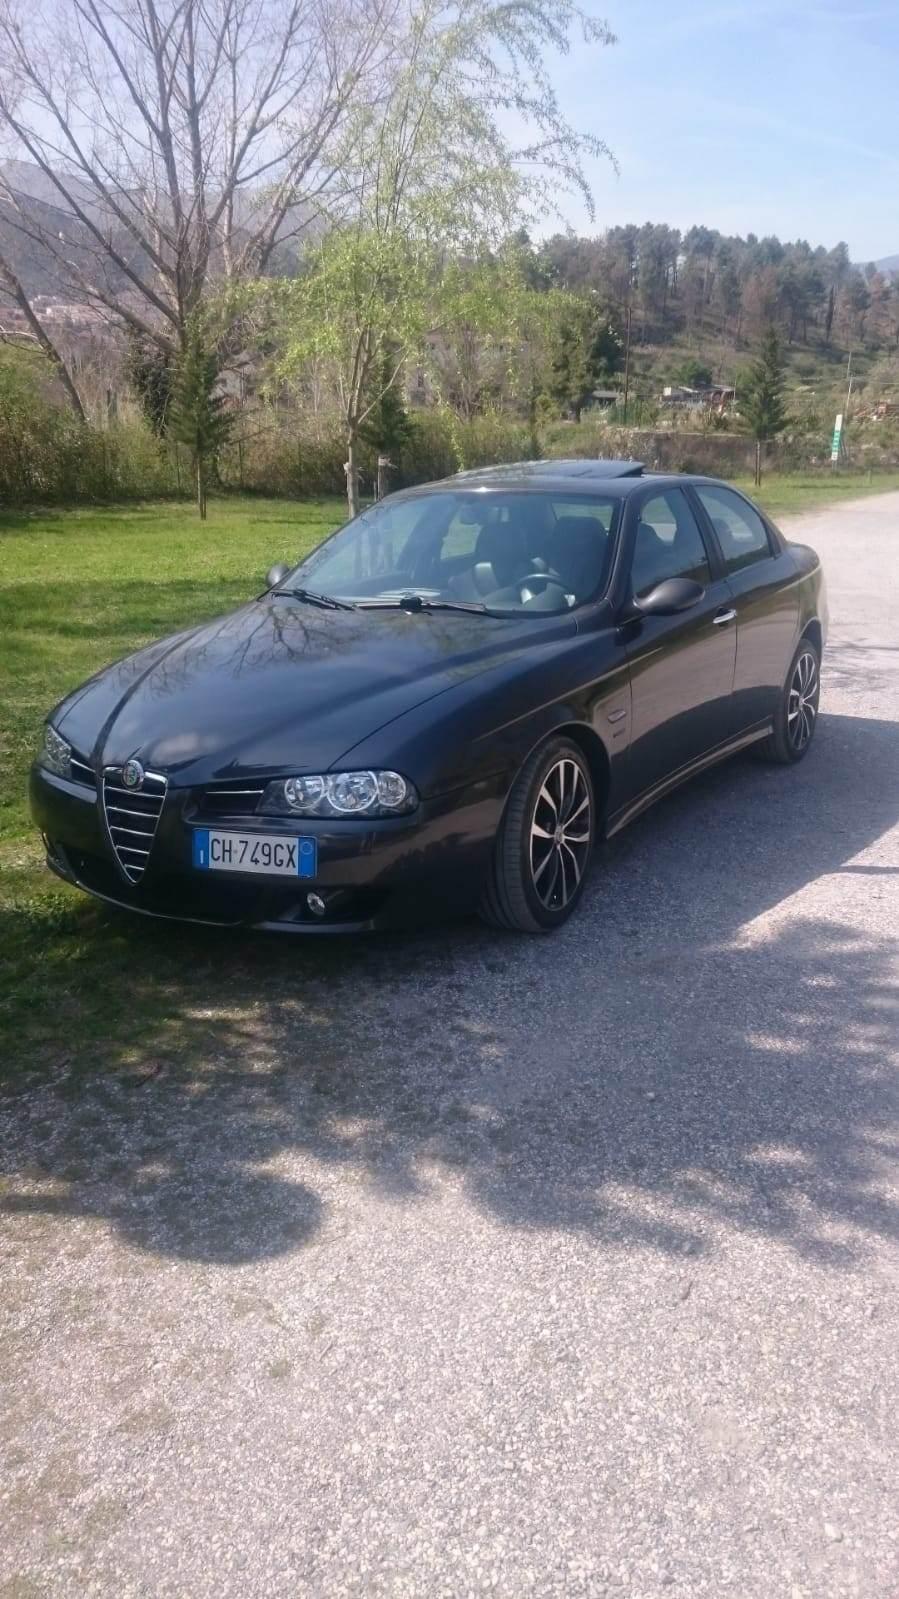 foto Alfa Romeo 156 - 1.9 JTD 140cv - 2